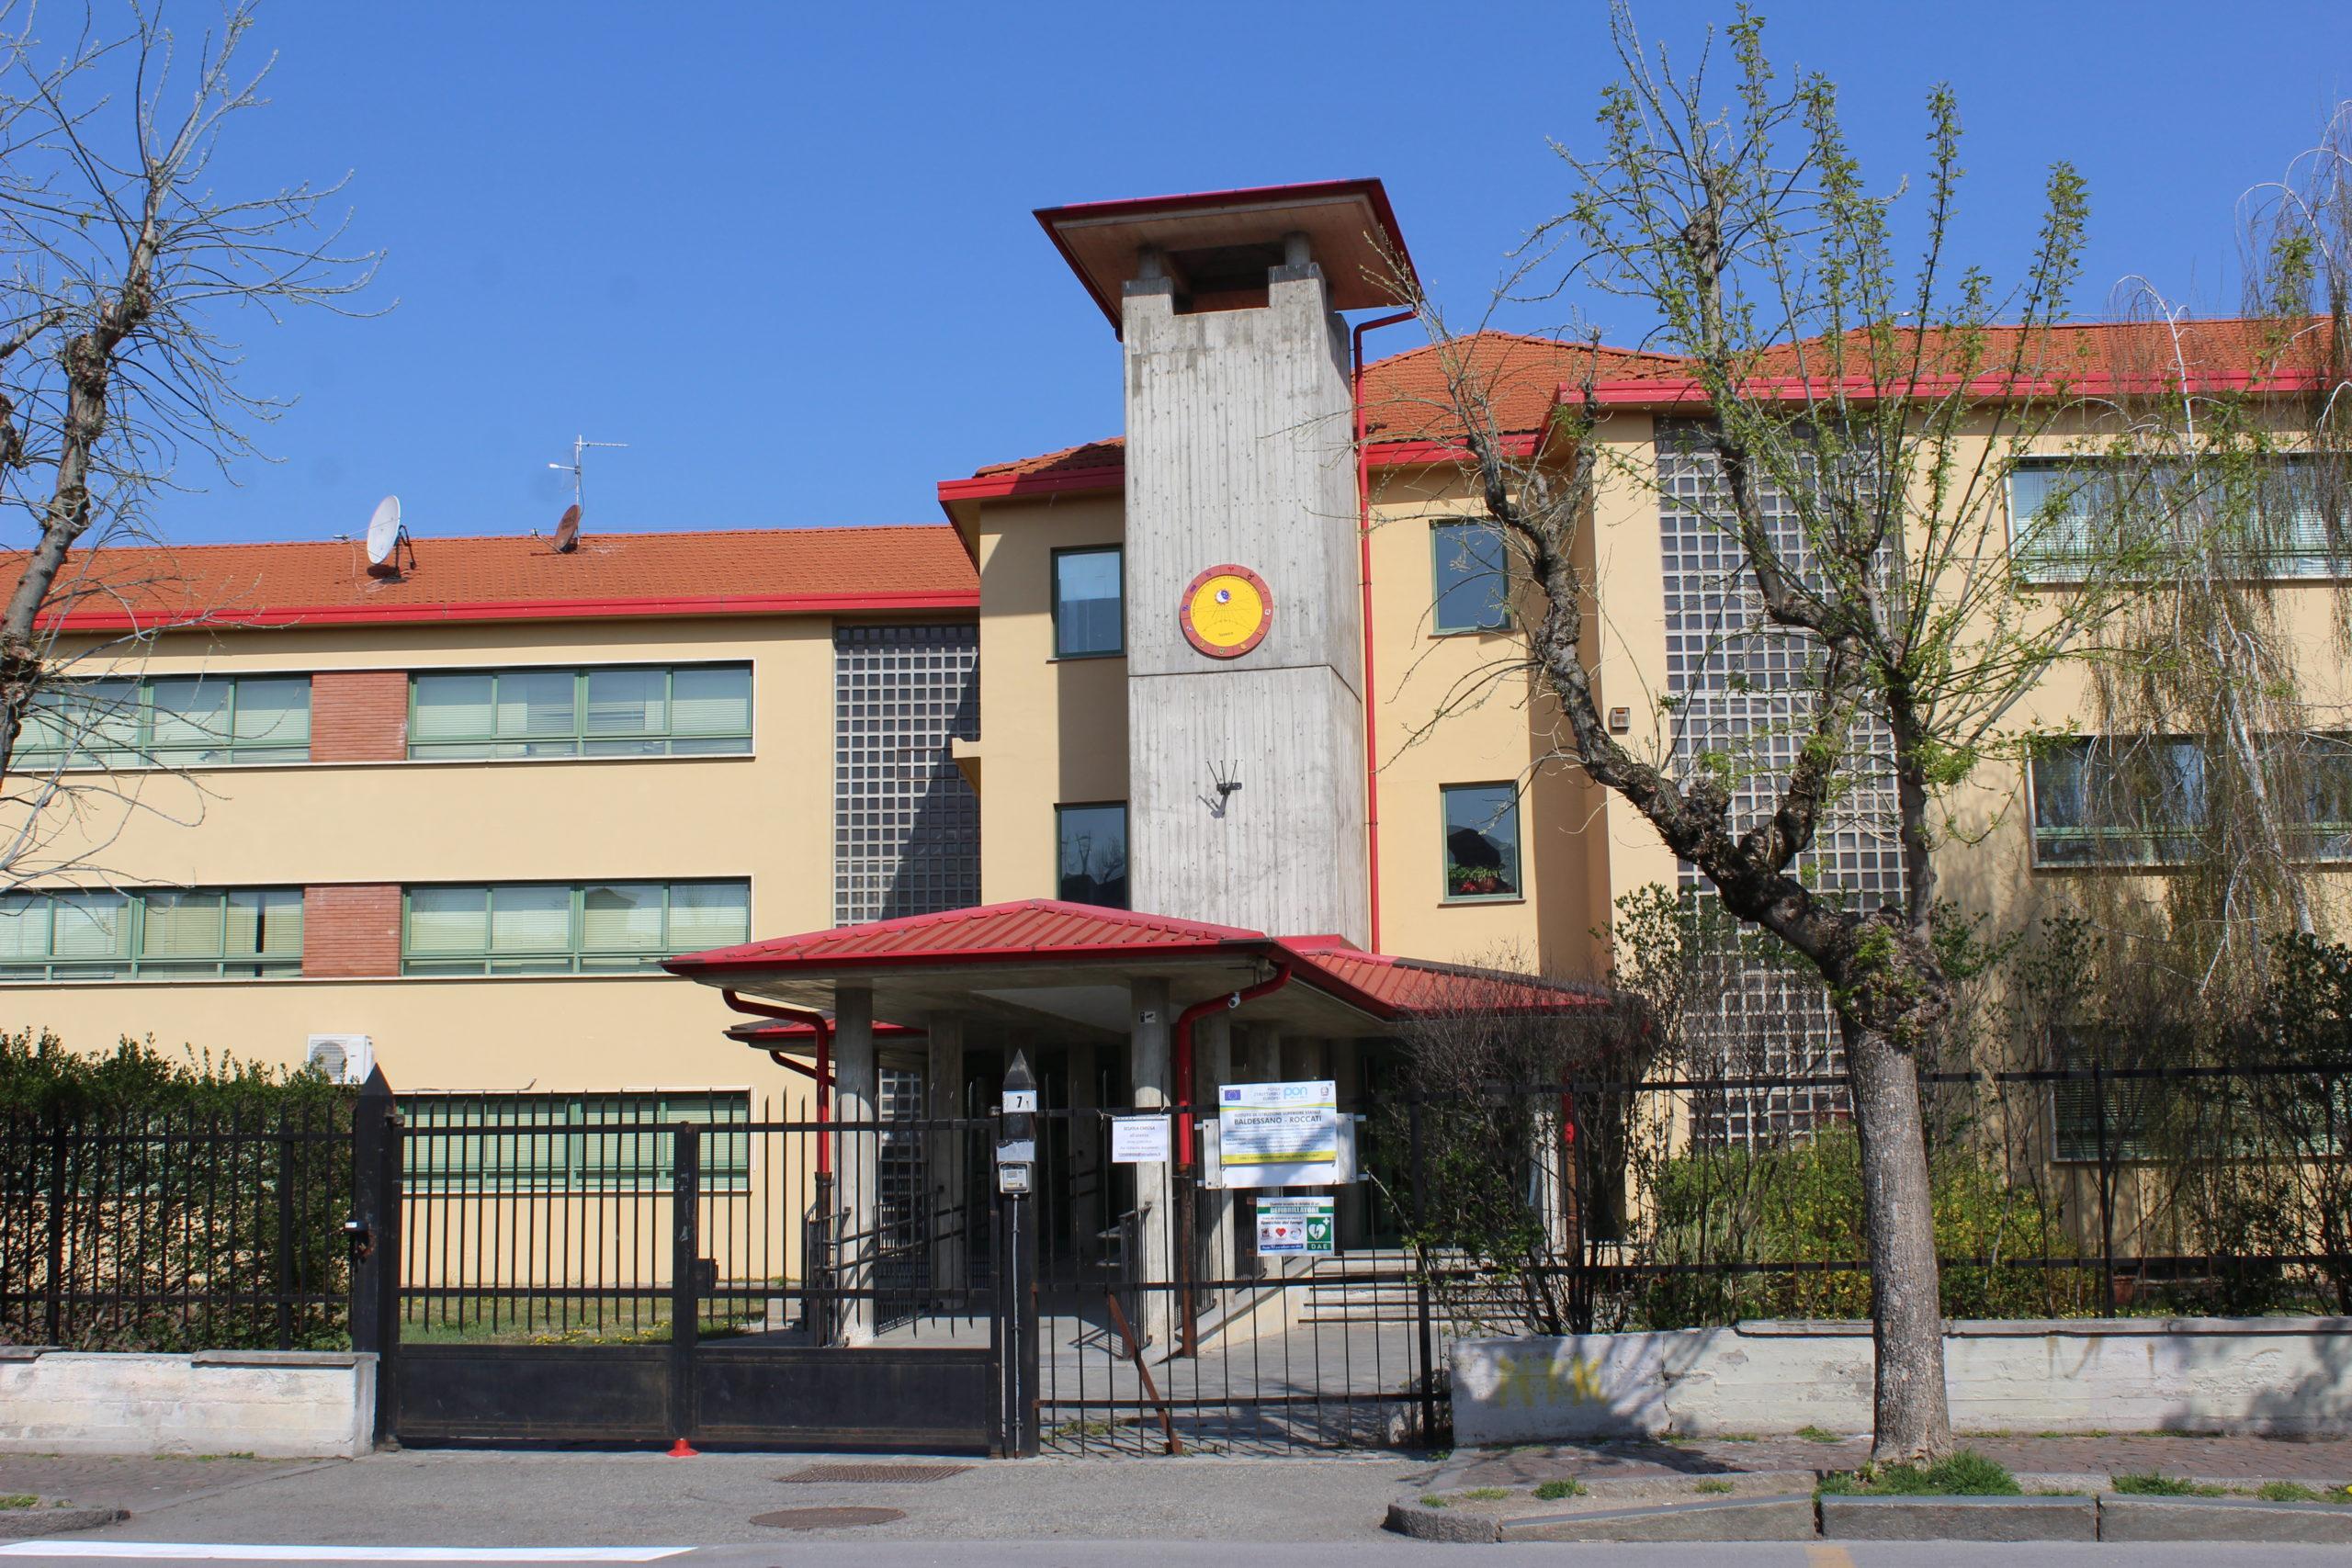 In Piemonte nuove restrizioni per scuole e centri commerciali